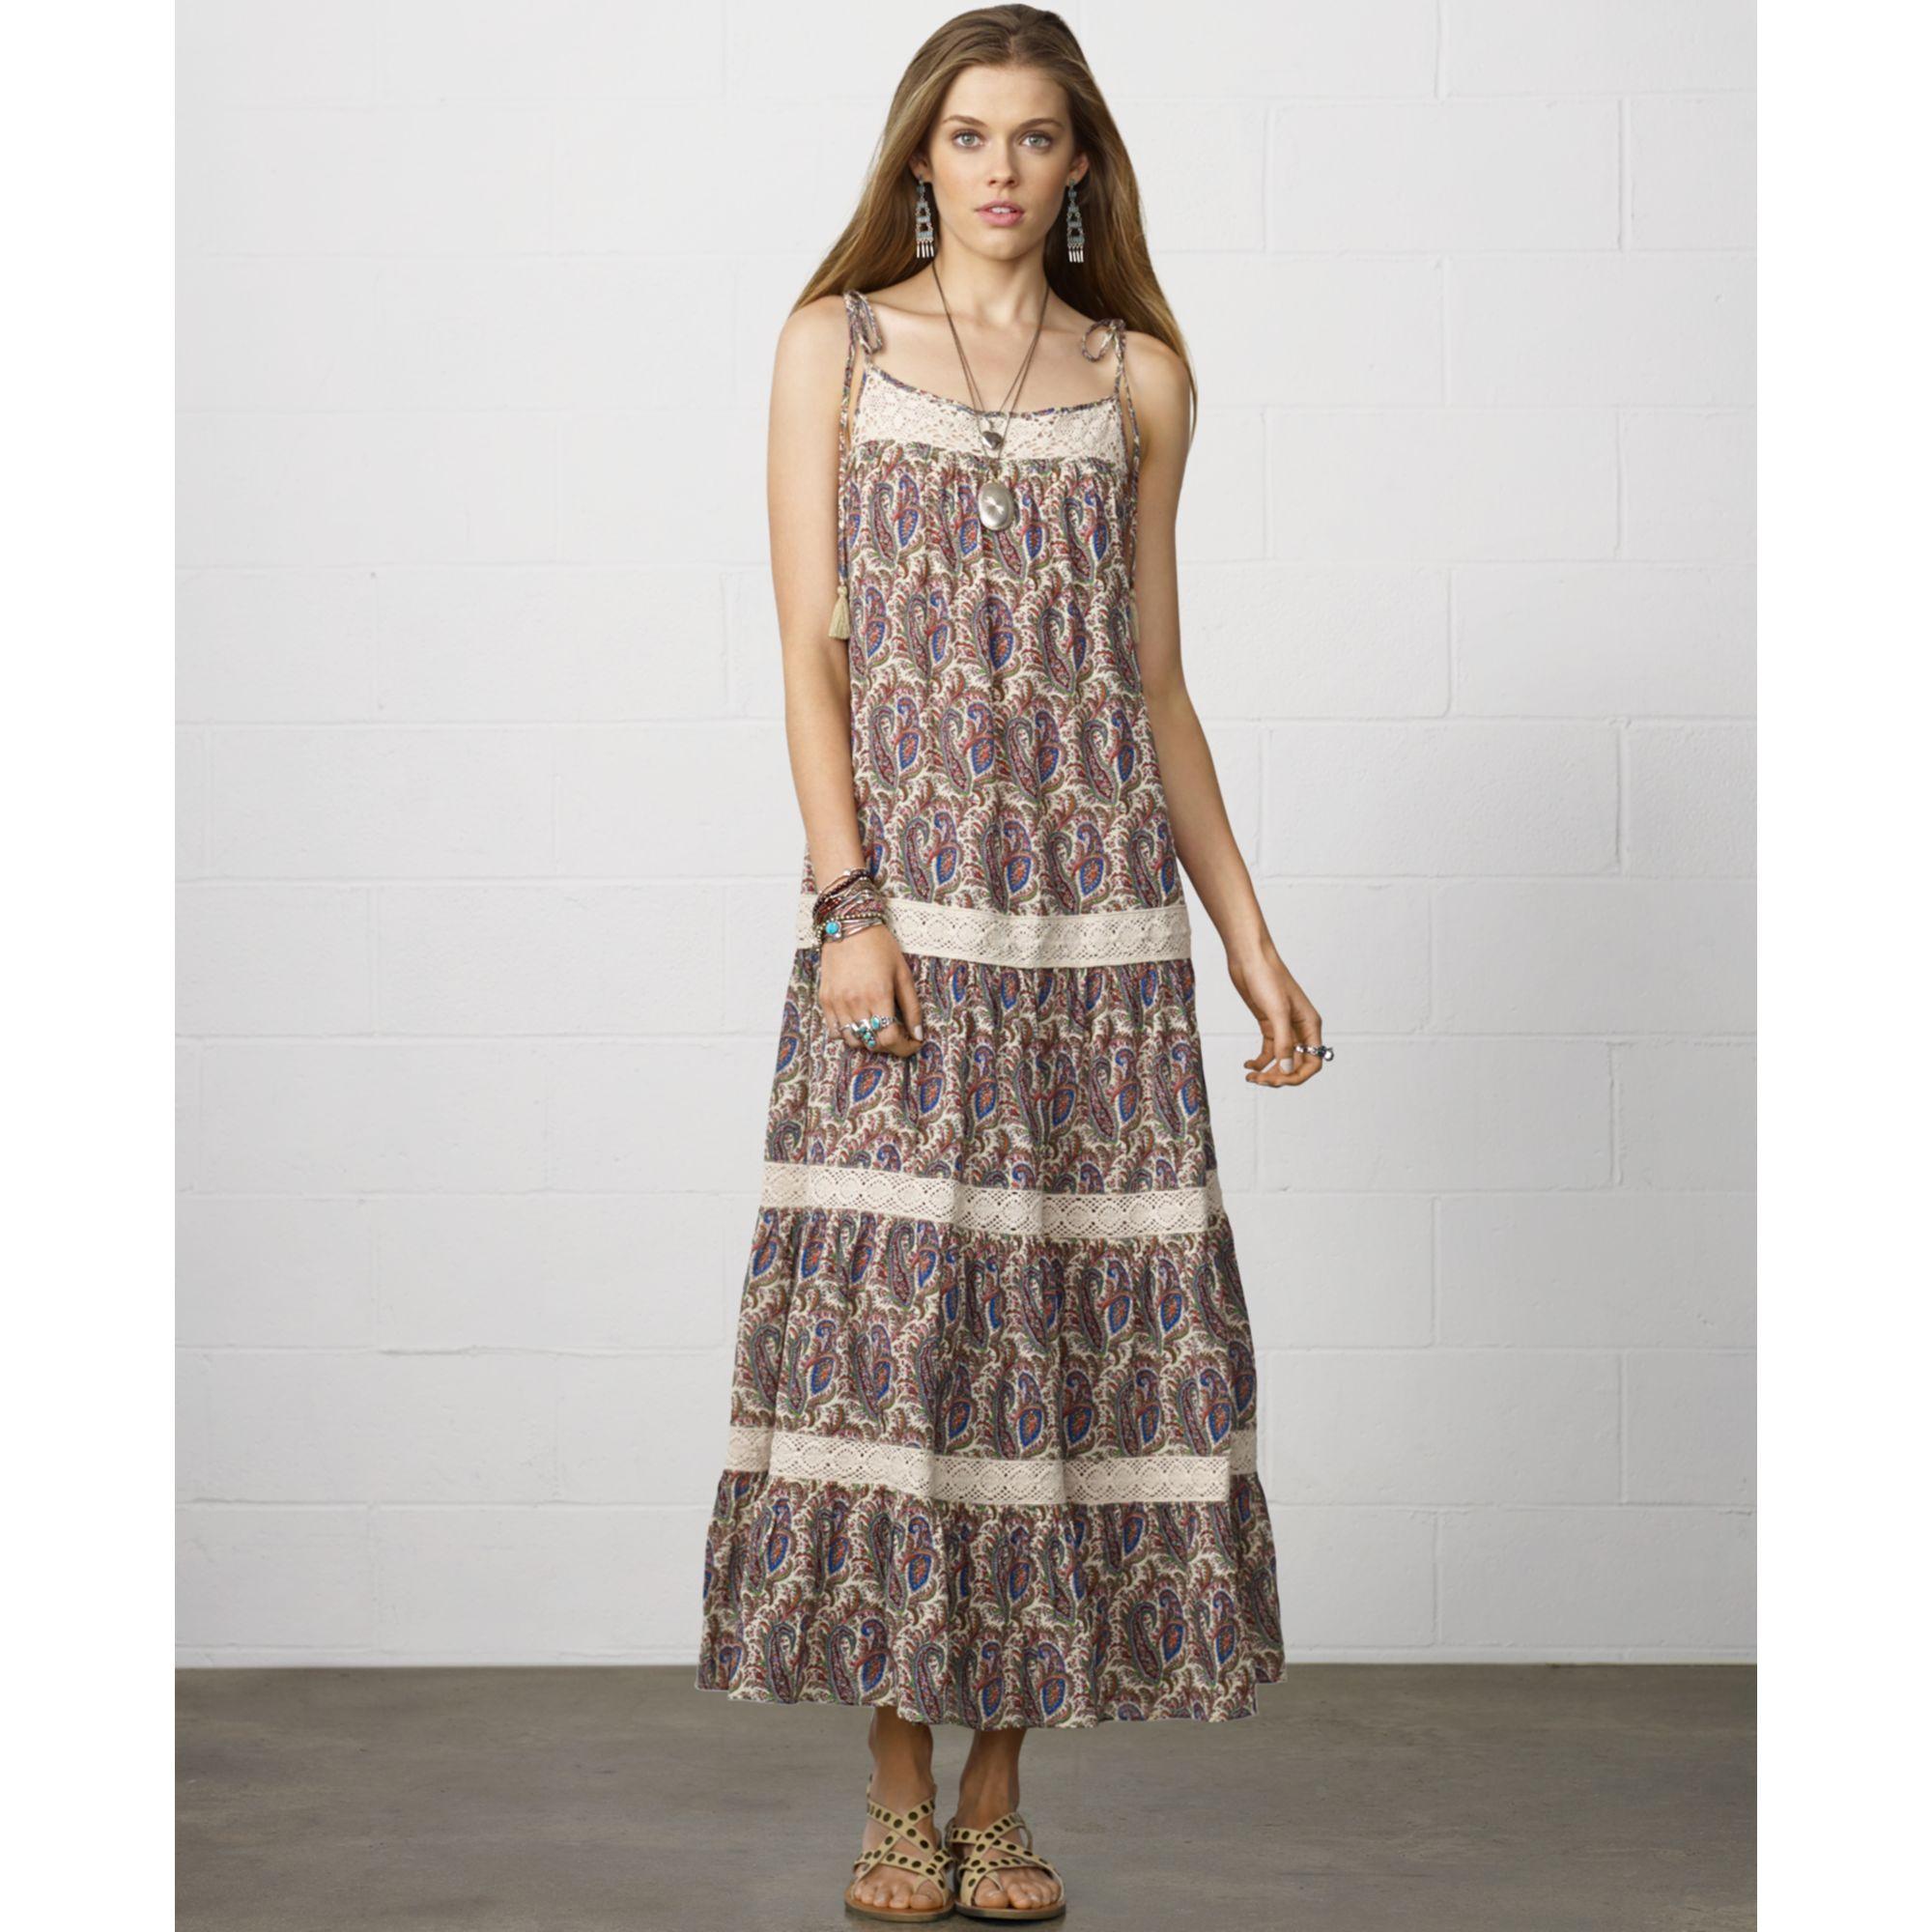 Ralph lauren paisley maxi dress